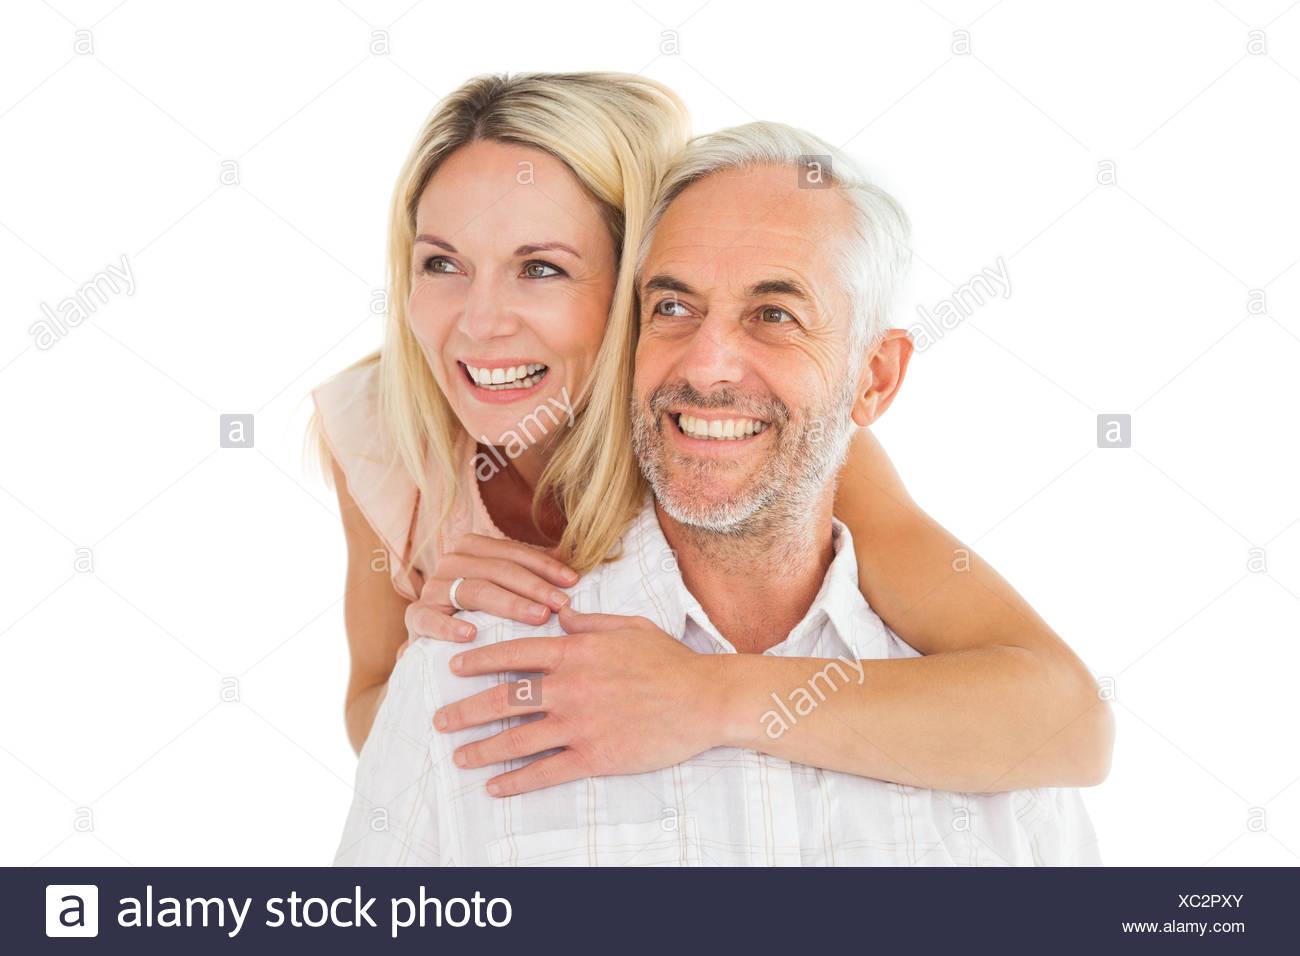 Uomo felice di dare il suo partner un piggy back Immagini Stock